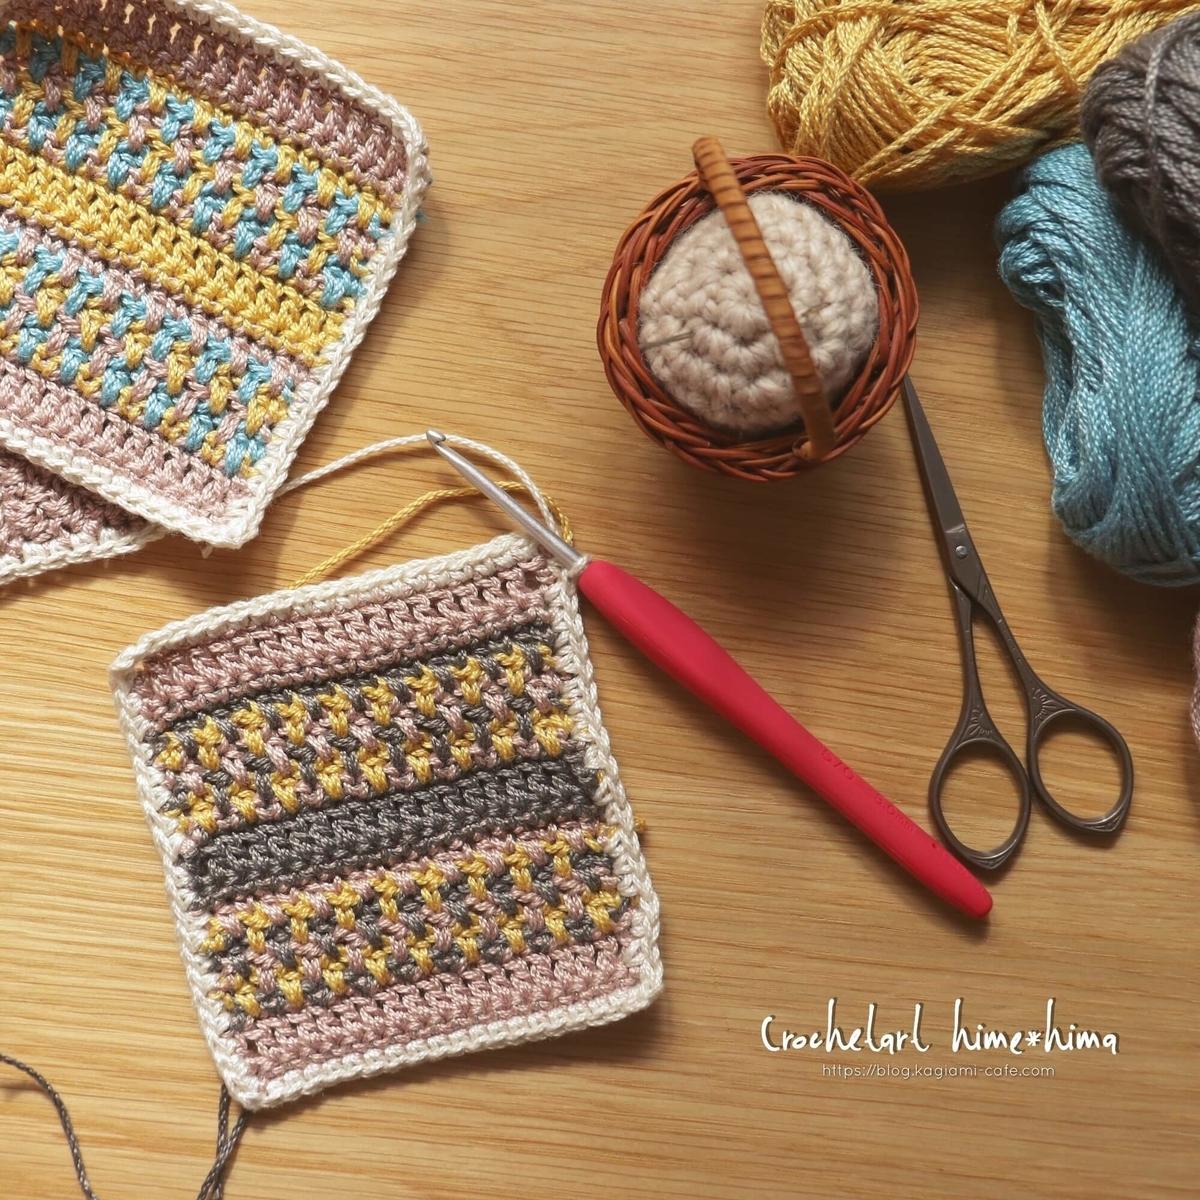 かぎ針編み|ハマナカ ウオッシュコットンで平編み|基本の編み方が練習できるコースターカラフル